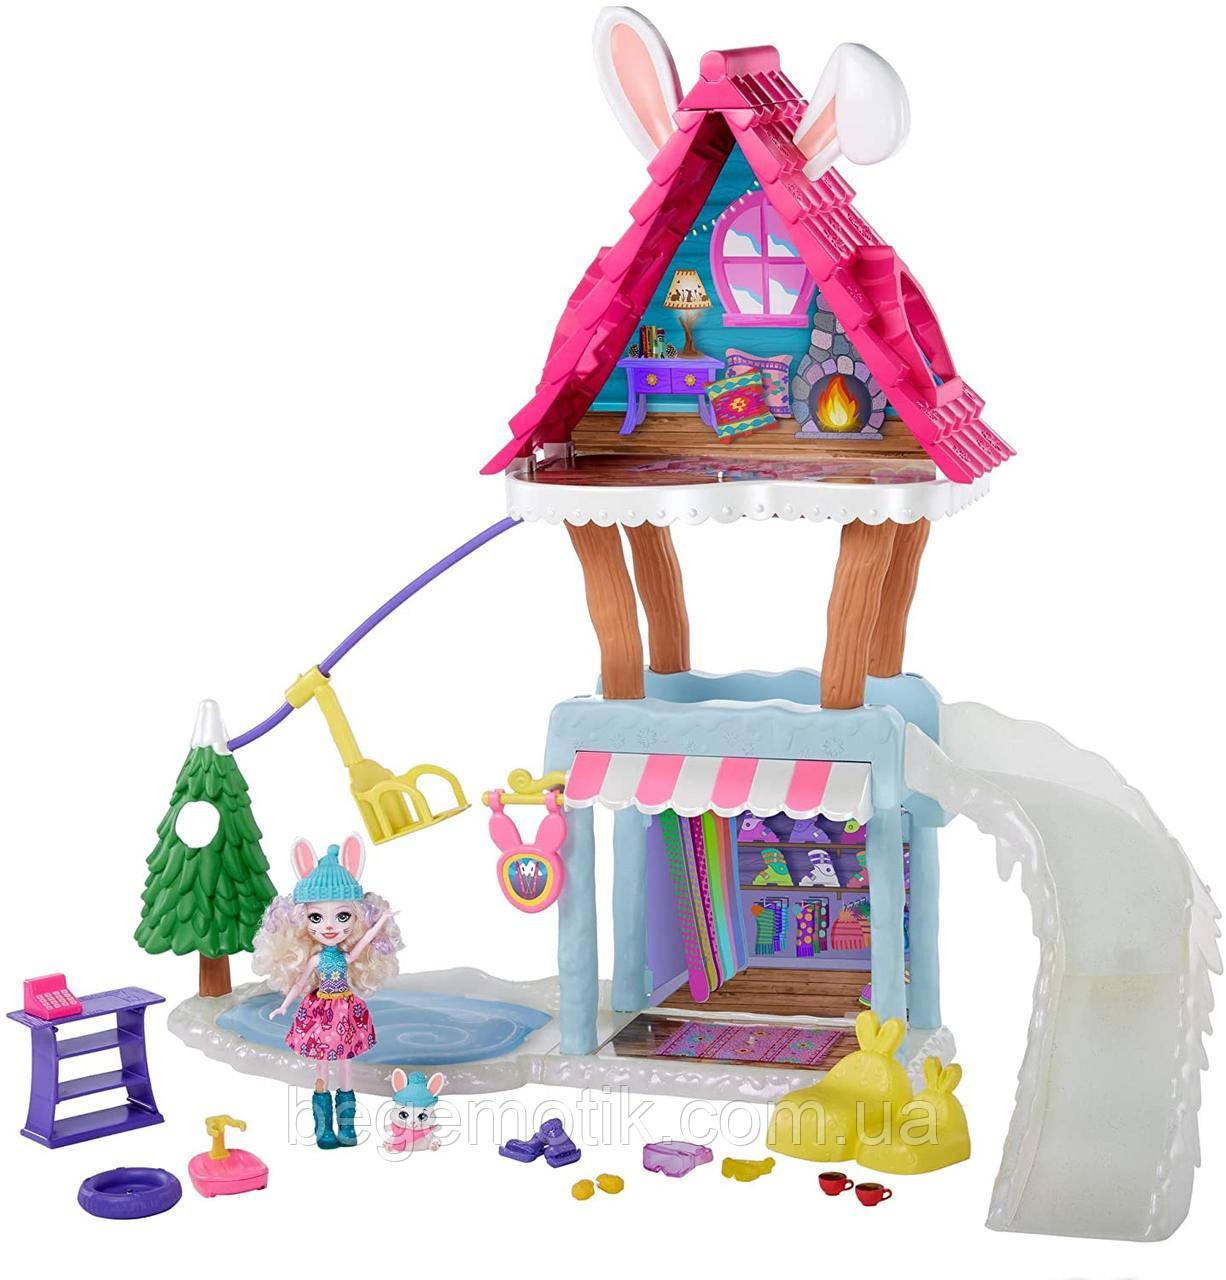 Игровой набор Enchantimals Лыжный ШАЛЕ Энчантималс дом зимнего кролика  BEVY BUNNY & JUMP DOLLS